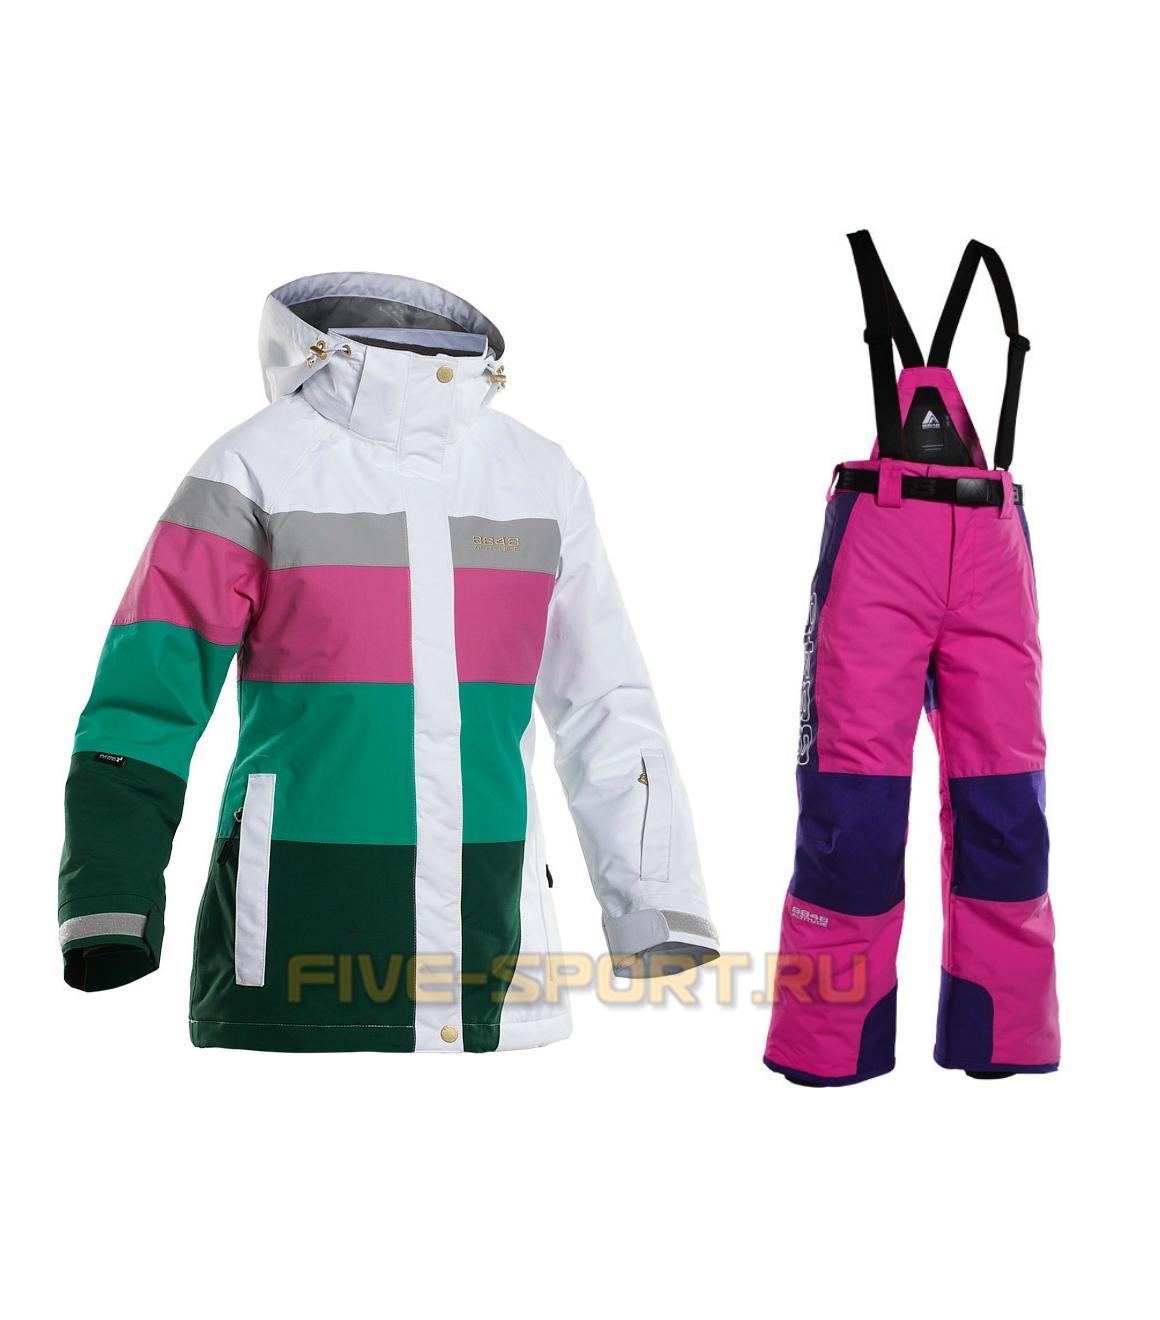 Костюм 8848 Altitude Bella/Mowat детский White/Pink